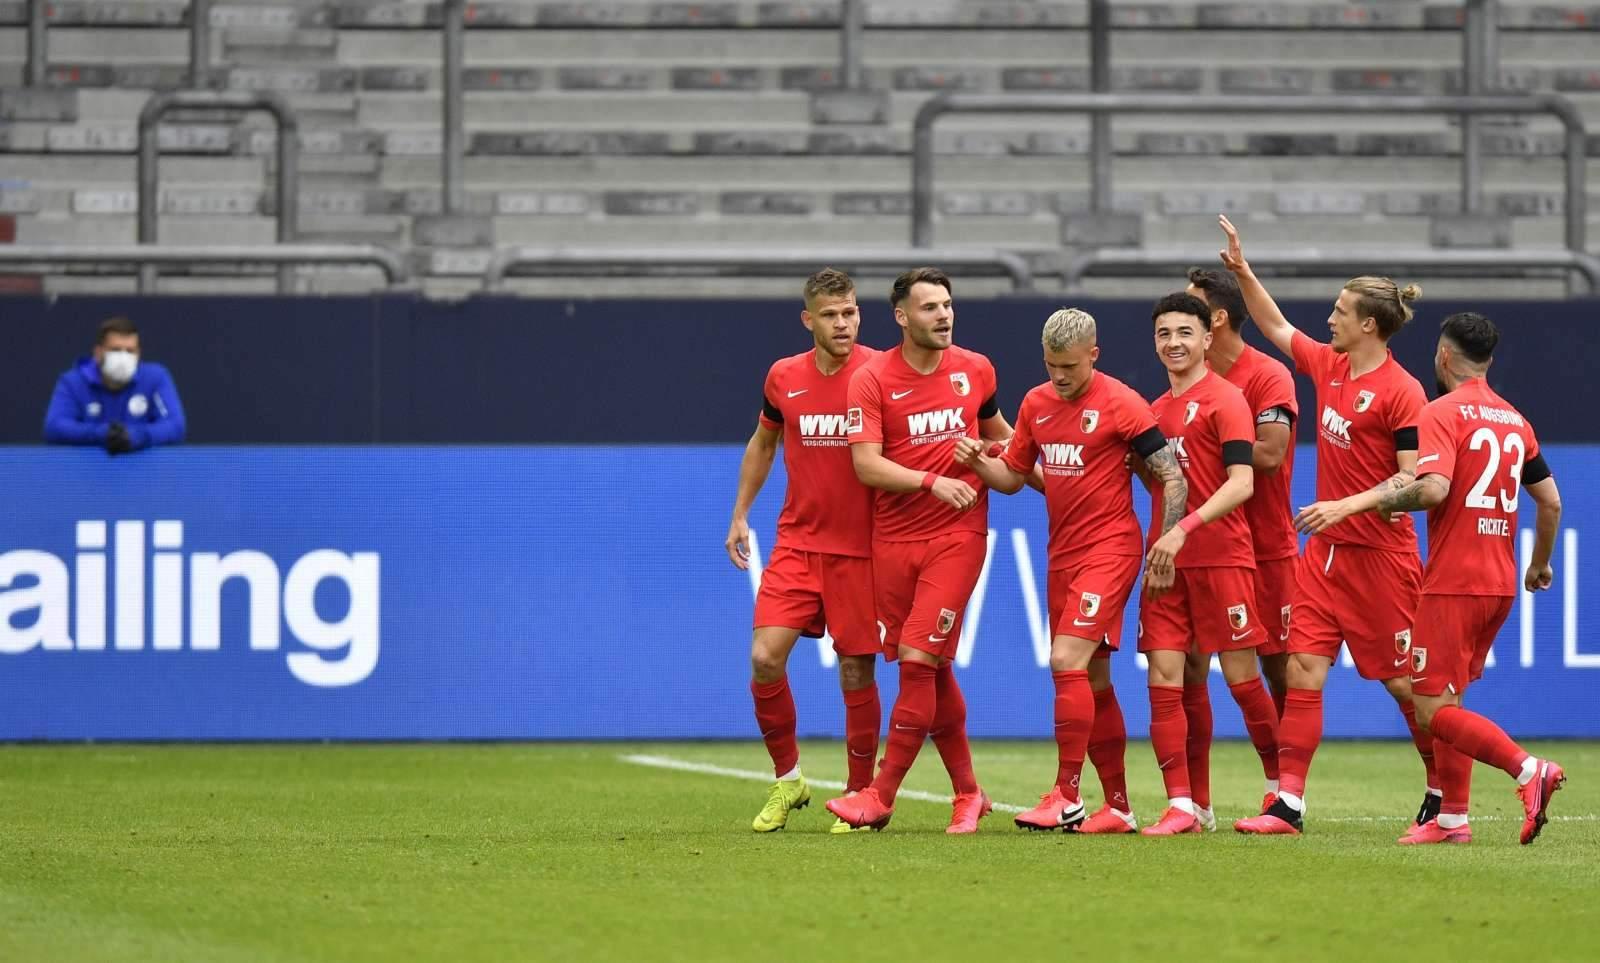 «Аугсбург» - «Хоффенхайм»: прогноз и ставка на матч немецкой Бундеслиги 14 августа 2021